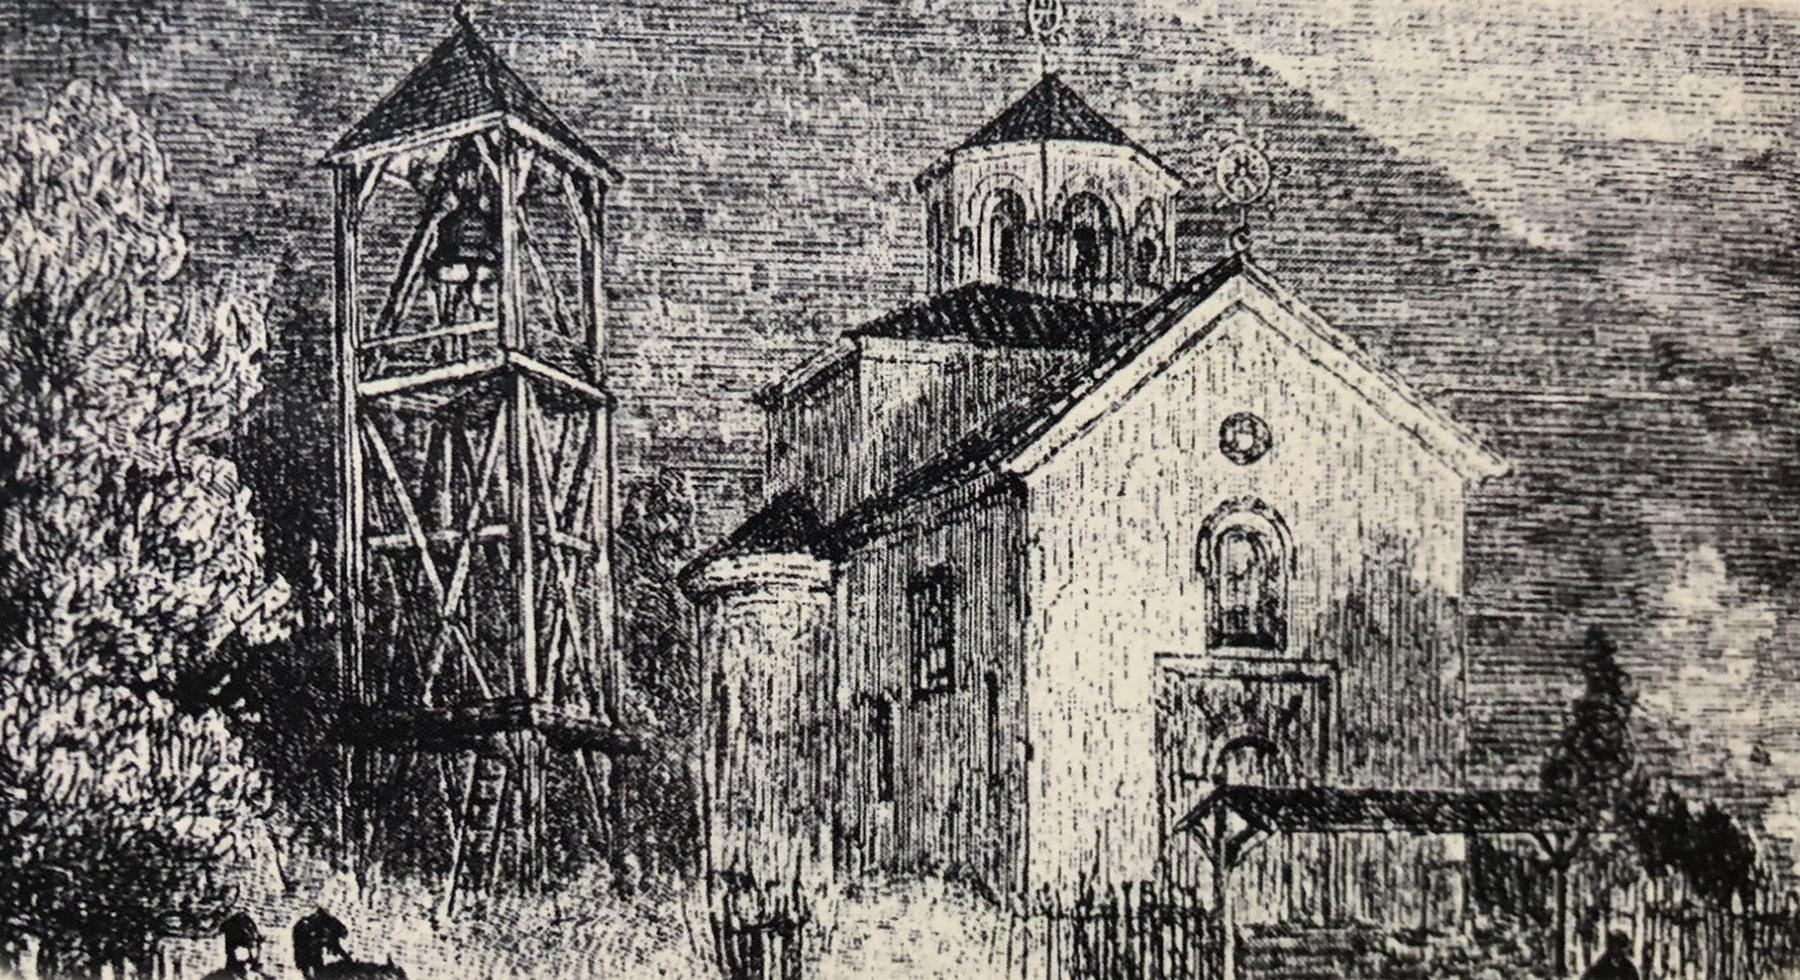 Manastir naslikan na knjizi ,,Manastir Sveti Aranđeo u izdanju CTKS, Svetozara Stajića